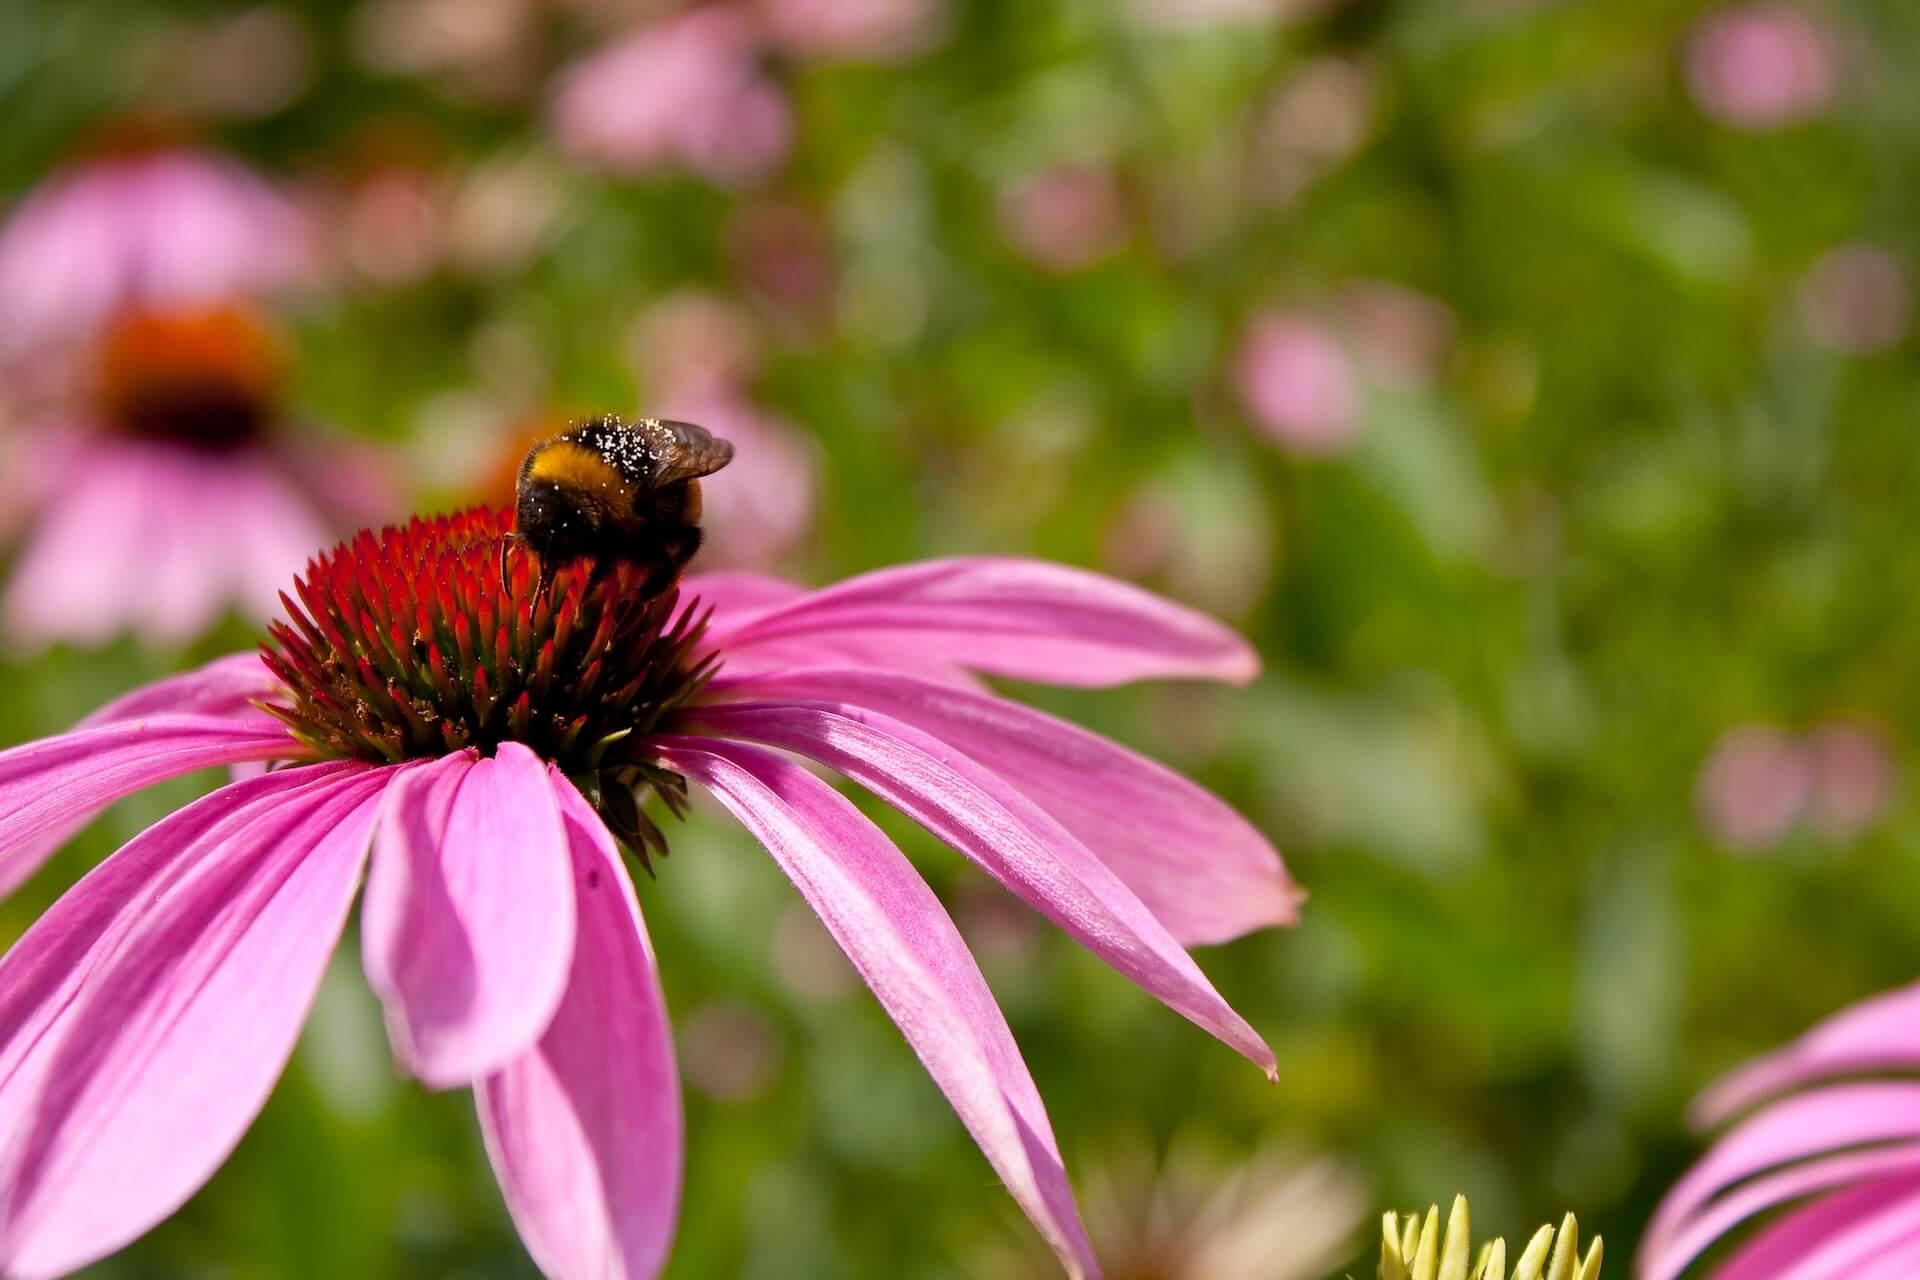 Mire jó az echinacea purpurea?